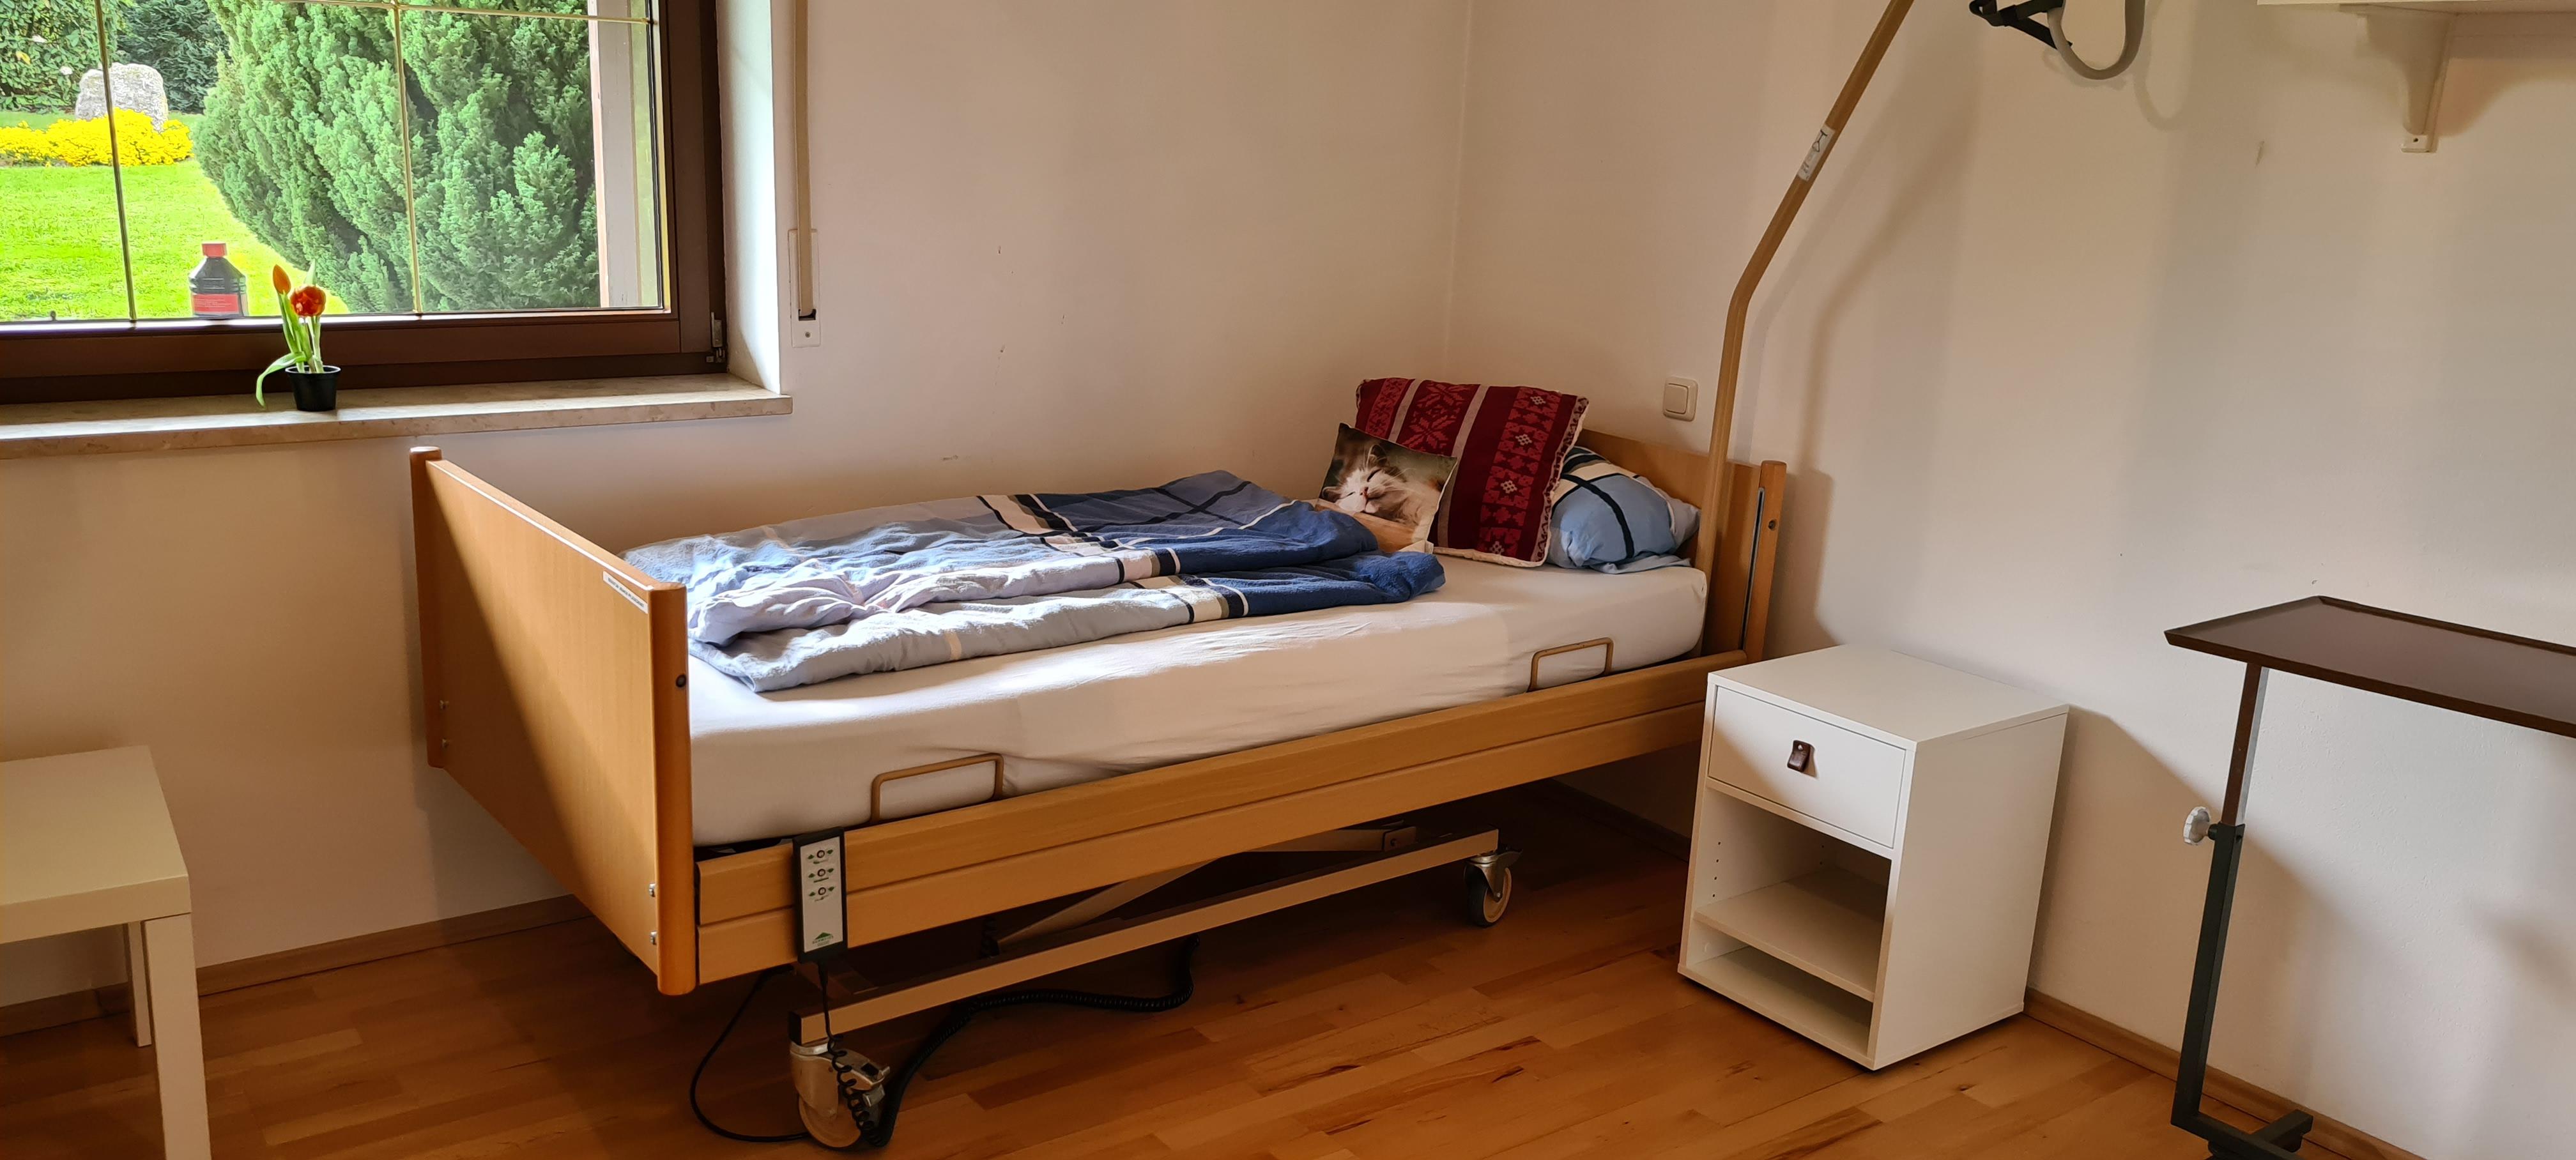 Schlafzimmer 1 mit Pflegebett